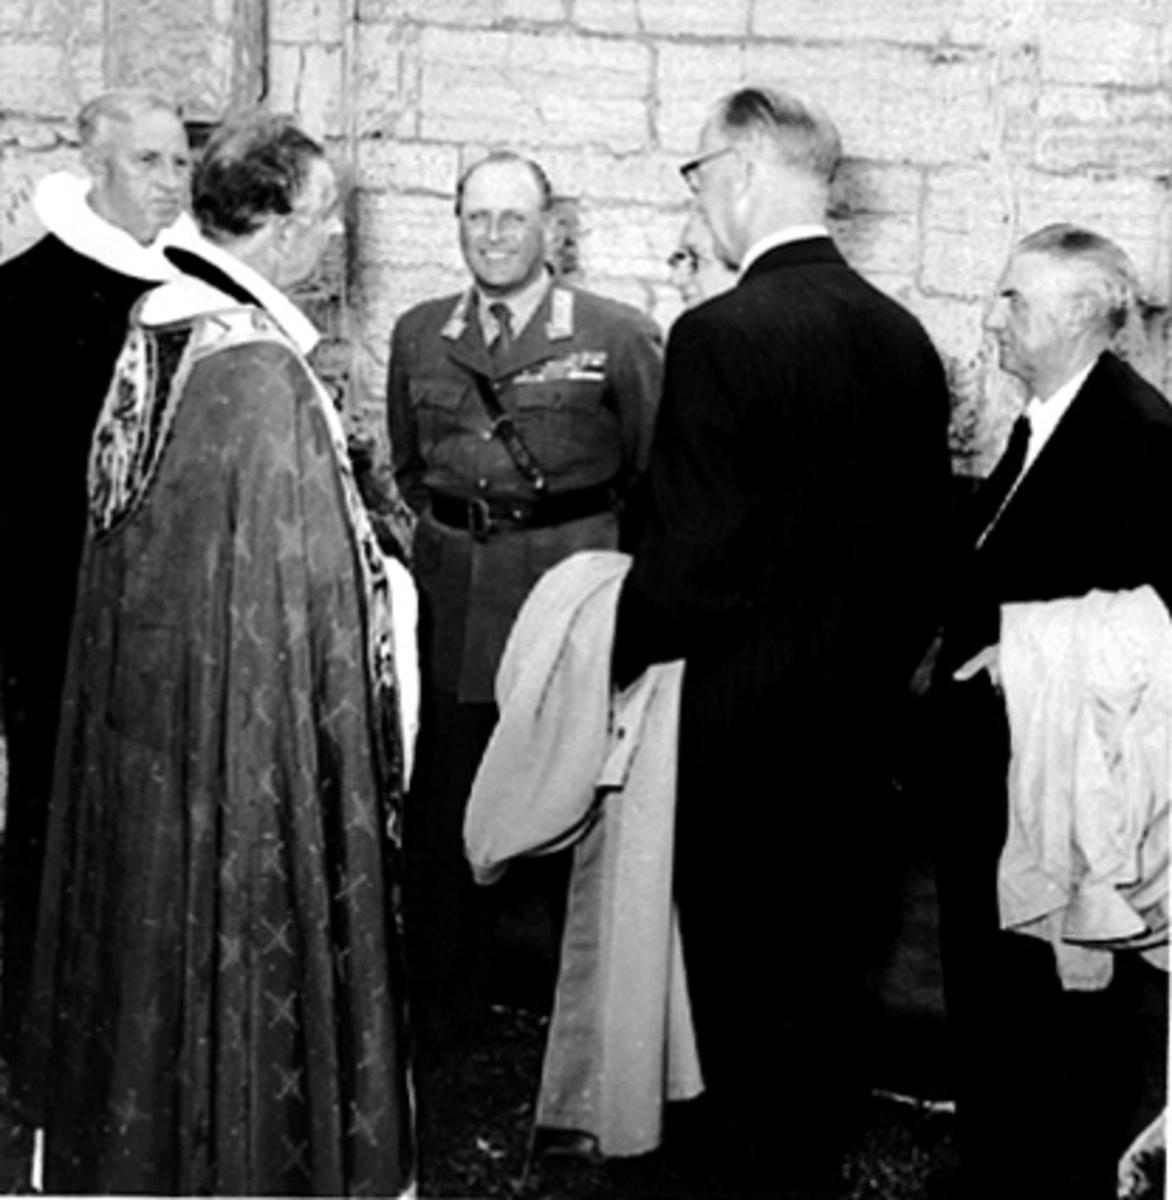 HAMARDAGEN 1955, PREST, BISKOP SCHJELDERUP, HKH. KRONPRINS OLAV, LENGST TIL HØYRE RÅDMANN SIG. PEDERSEN, VED SIDEN AV HAN ORDFØRER AUDENSEN.